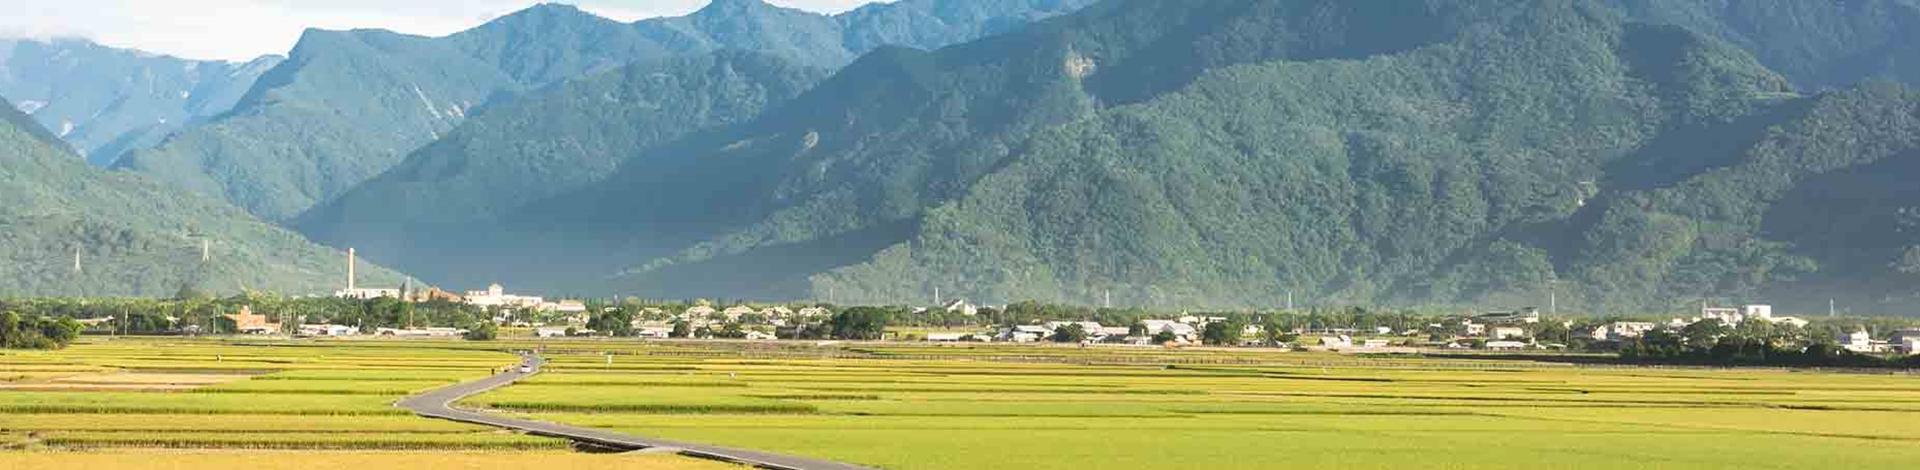 Beinan Township